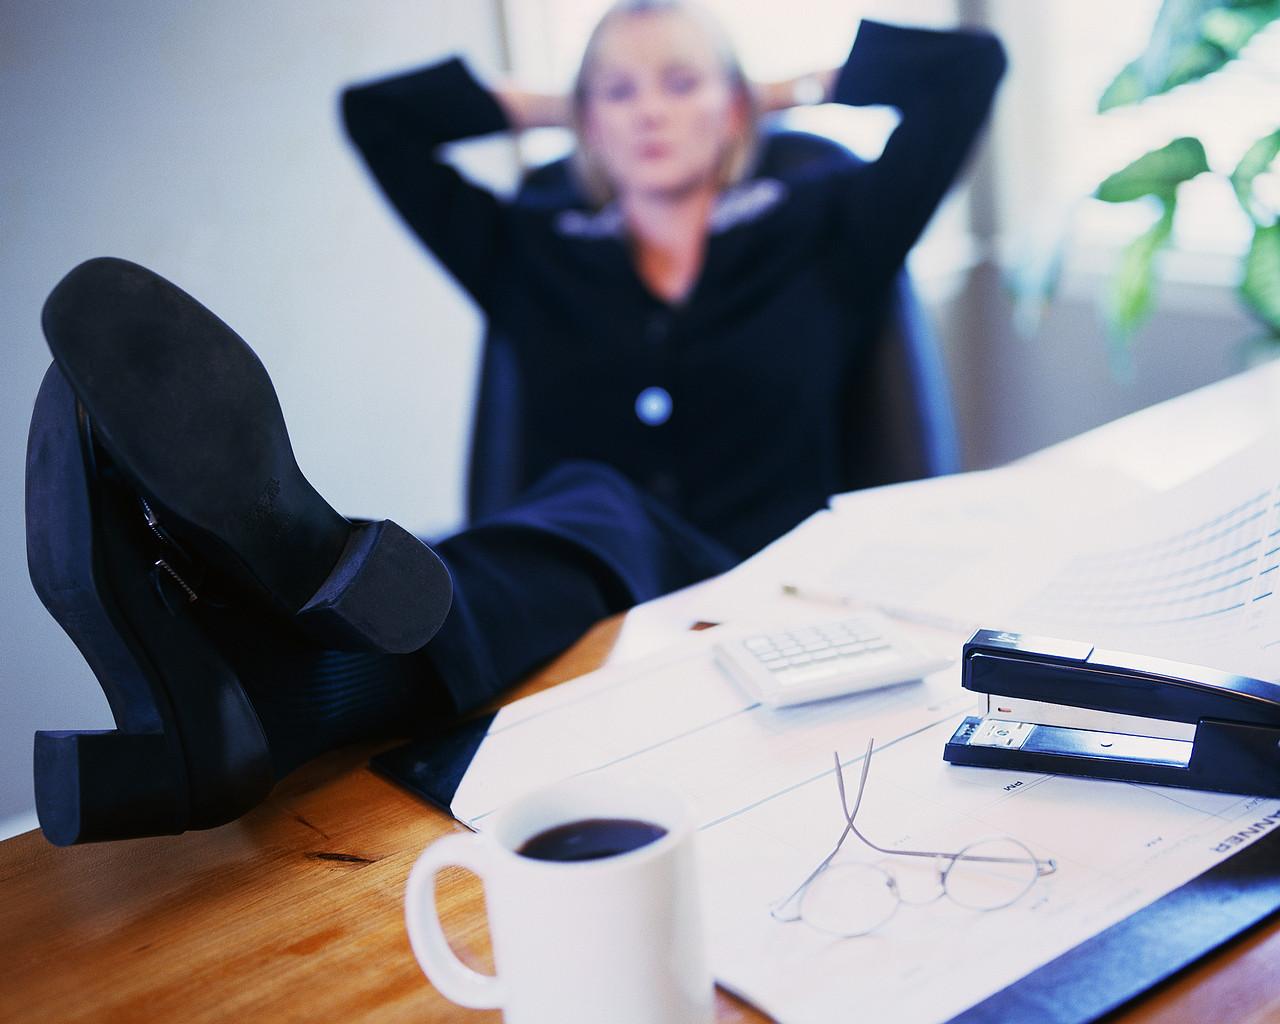 Entenda como o CRM pode ajudar no desempenho de uma empresa de recrutamento e seleção.